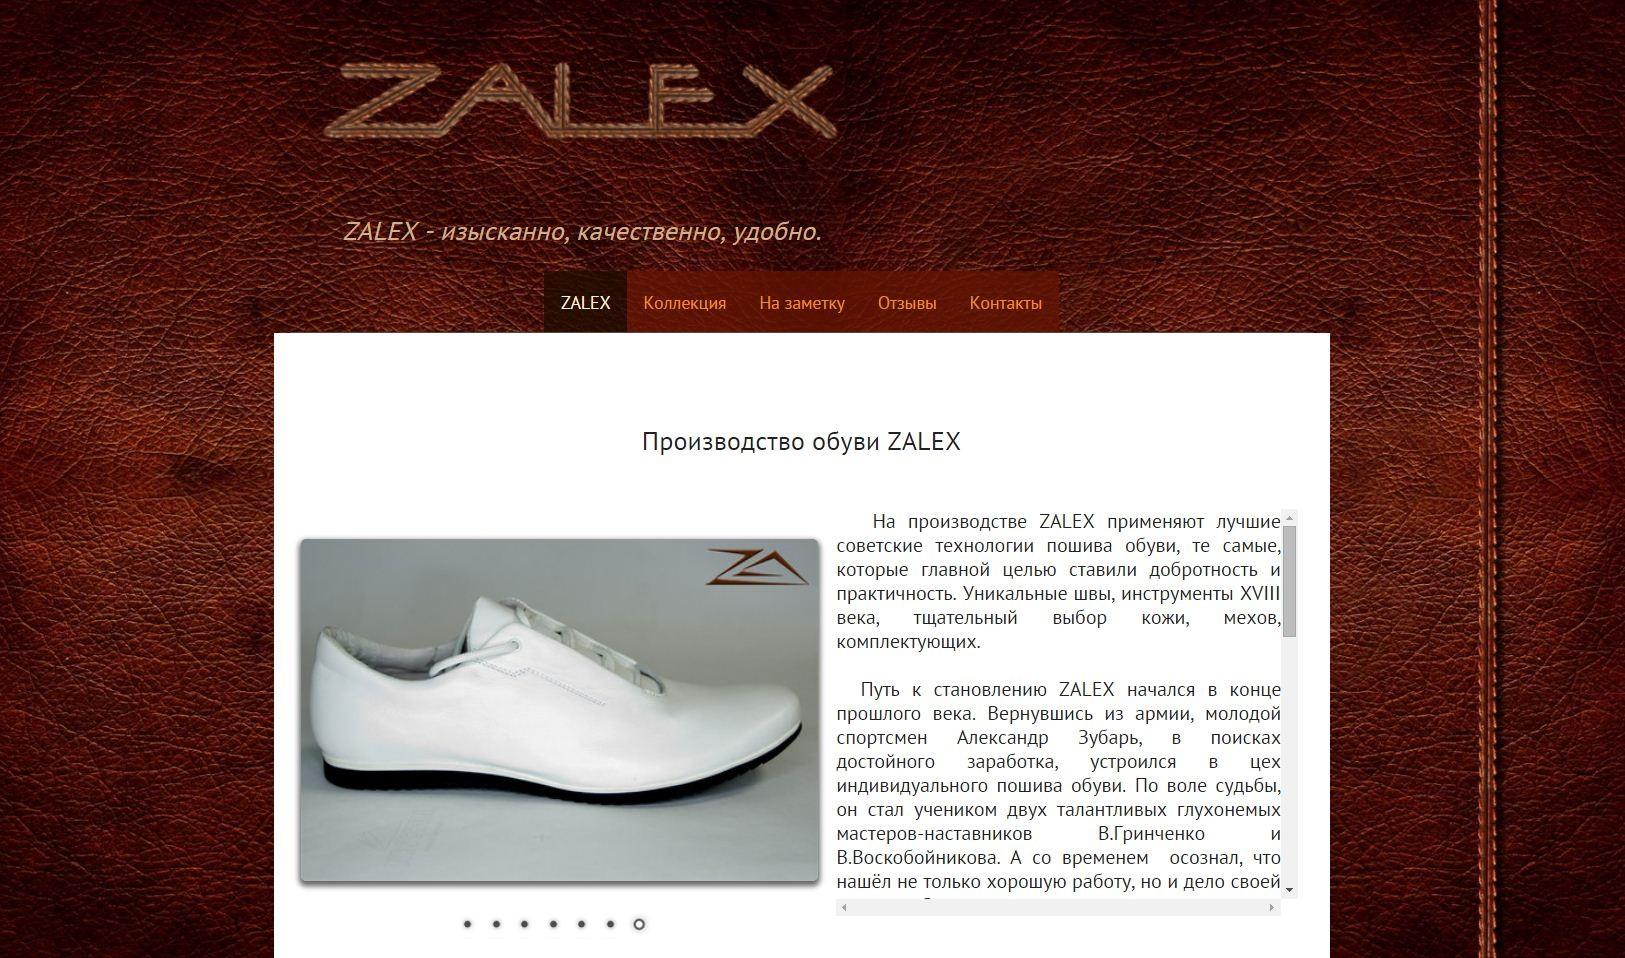 ZALEX - производитель обуви из натуральной кожи